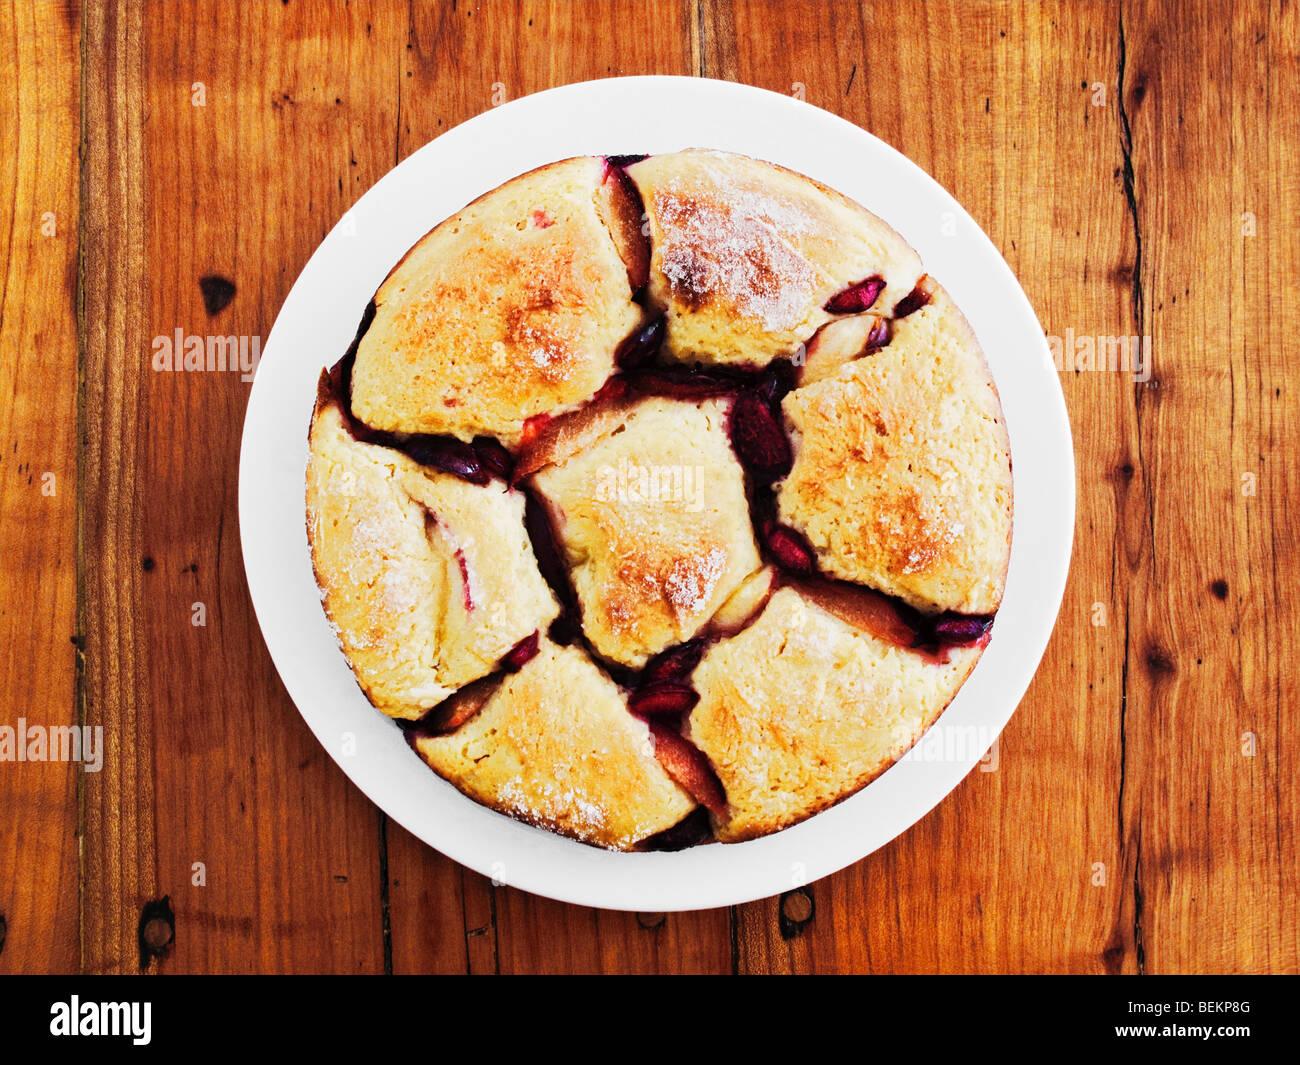 Austrian canederlo di pane con frutta sulla tavola in legno rustico Foto Stock